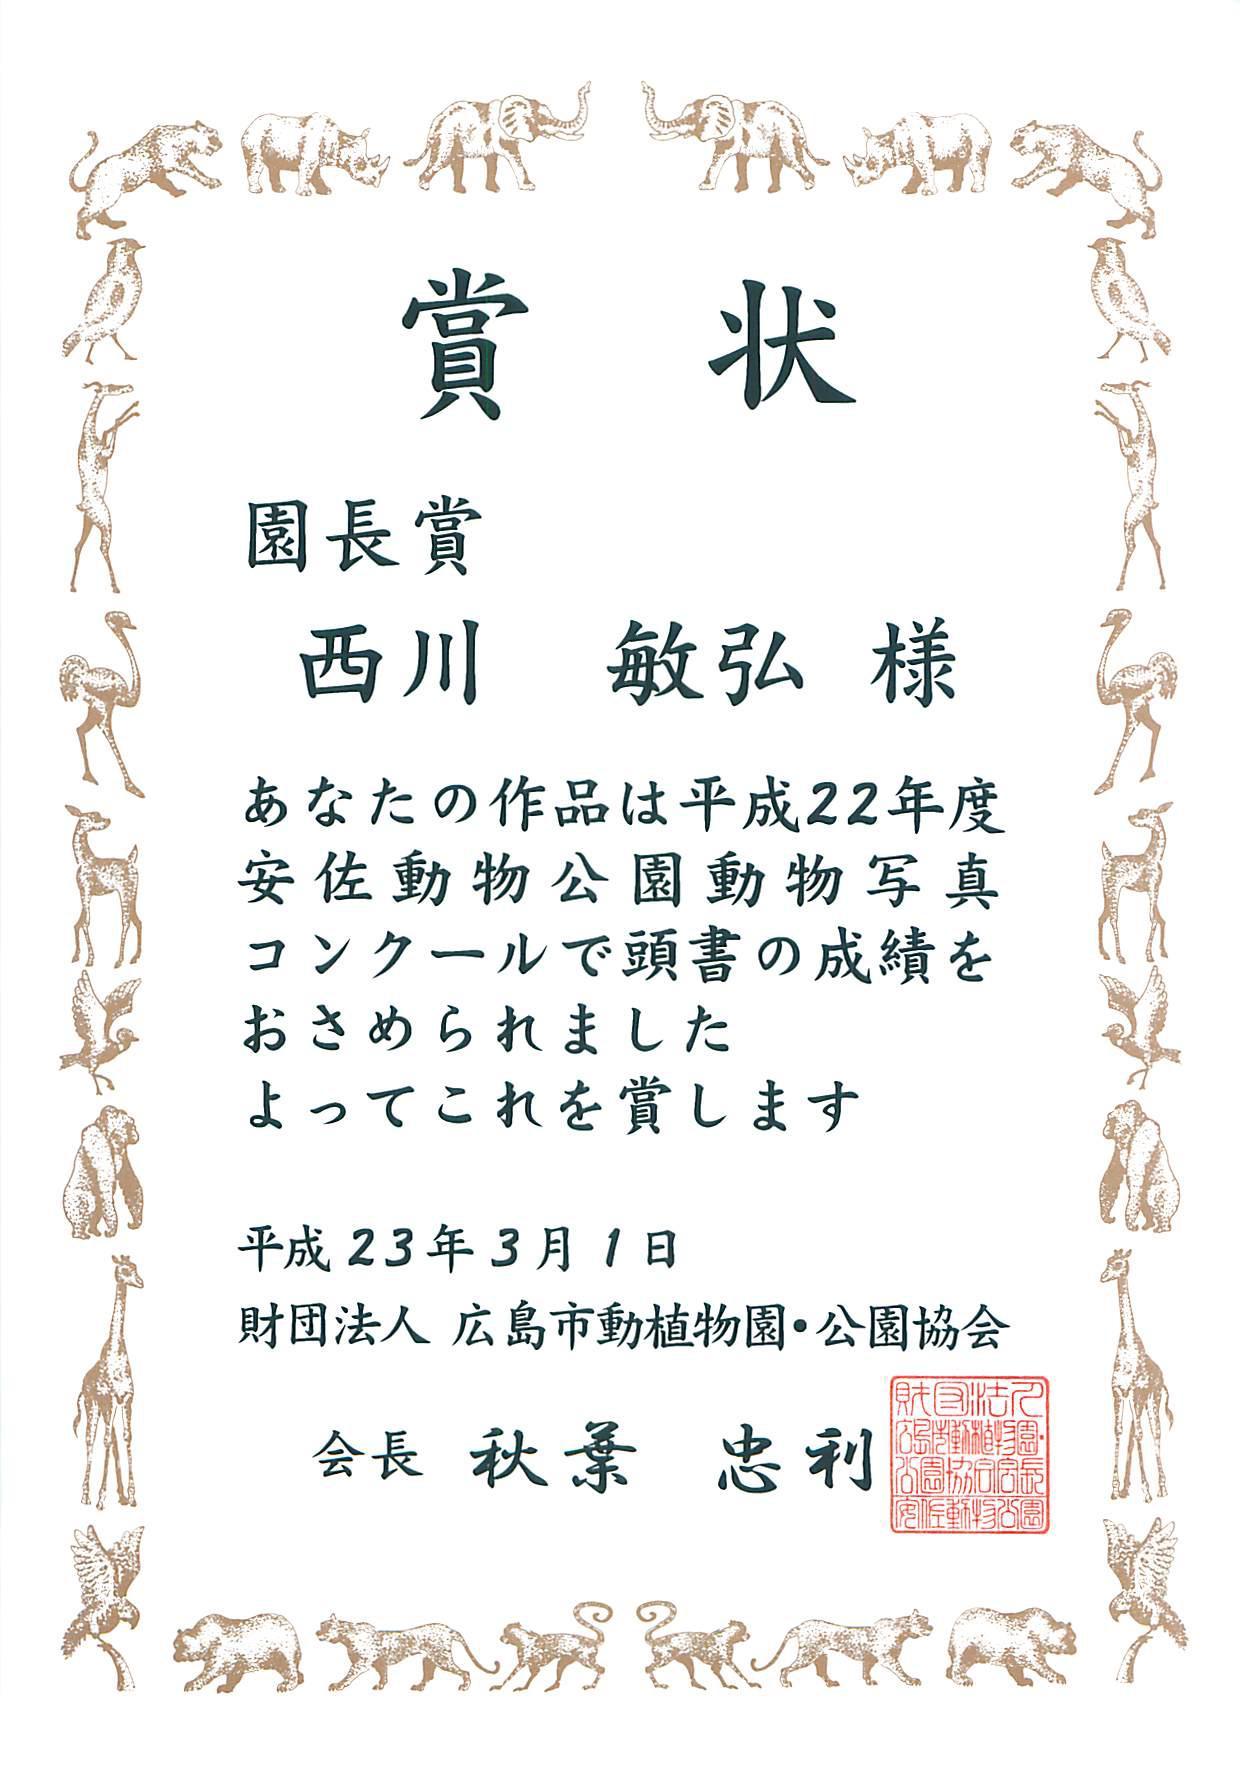 平成22年度安佐動物公園動物写真コンクール 入賞(園長賞)_a0288226_9352861.jpg